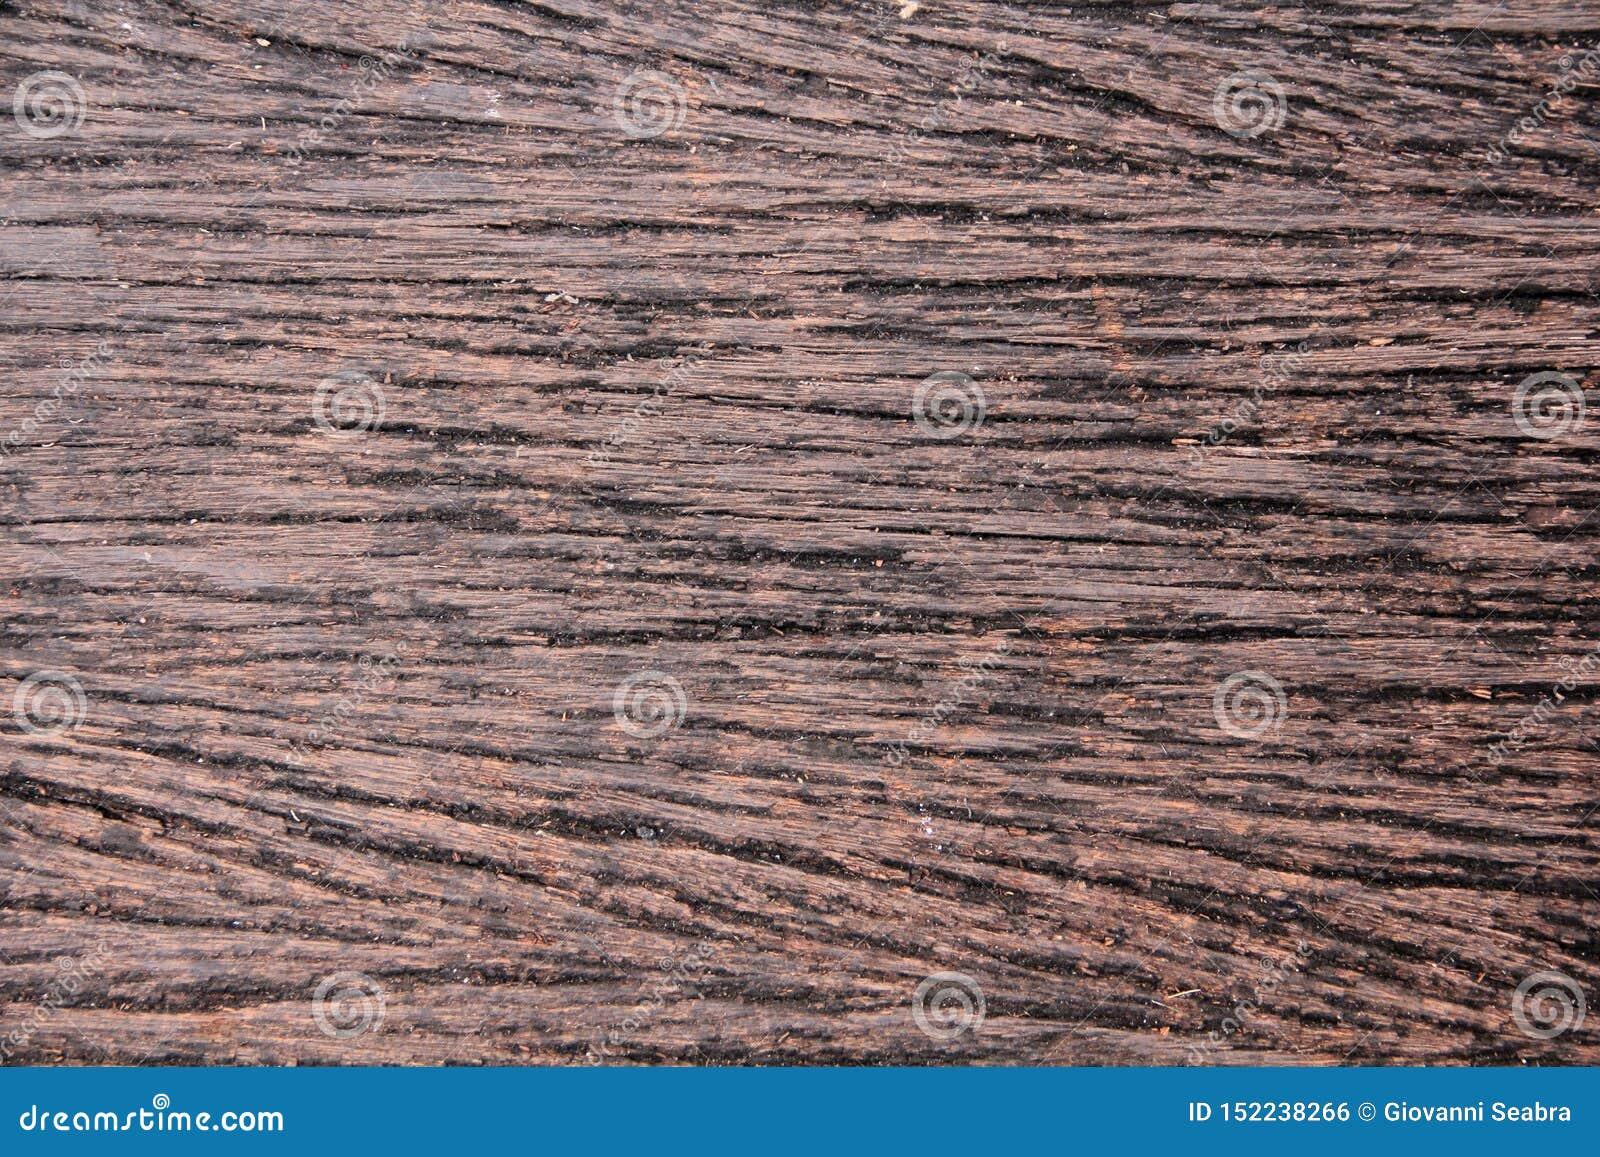 Brun en bois naturel rustique de texture